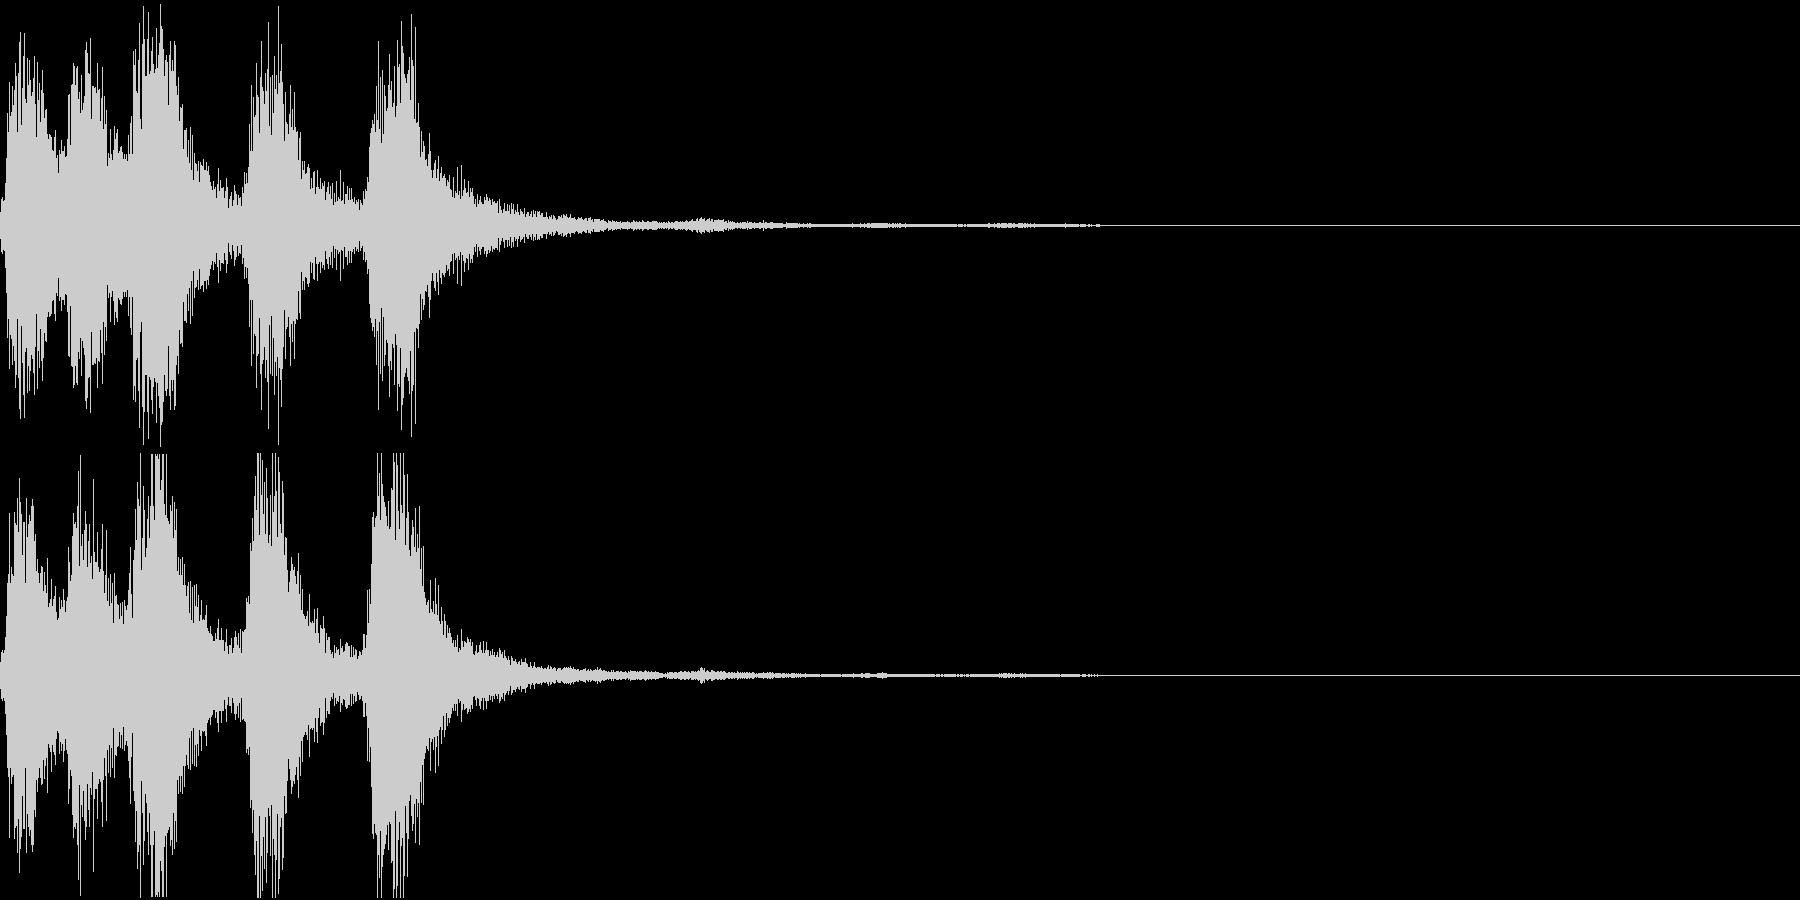 ラッパ ファンファーレ 定番 11の未再生の波形